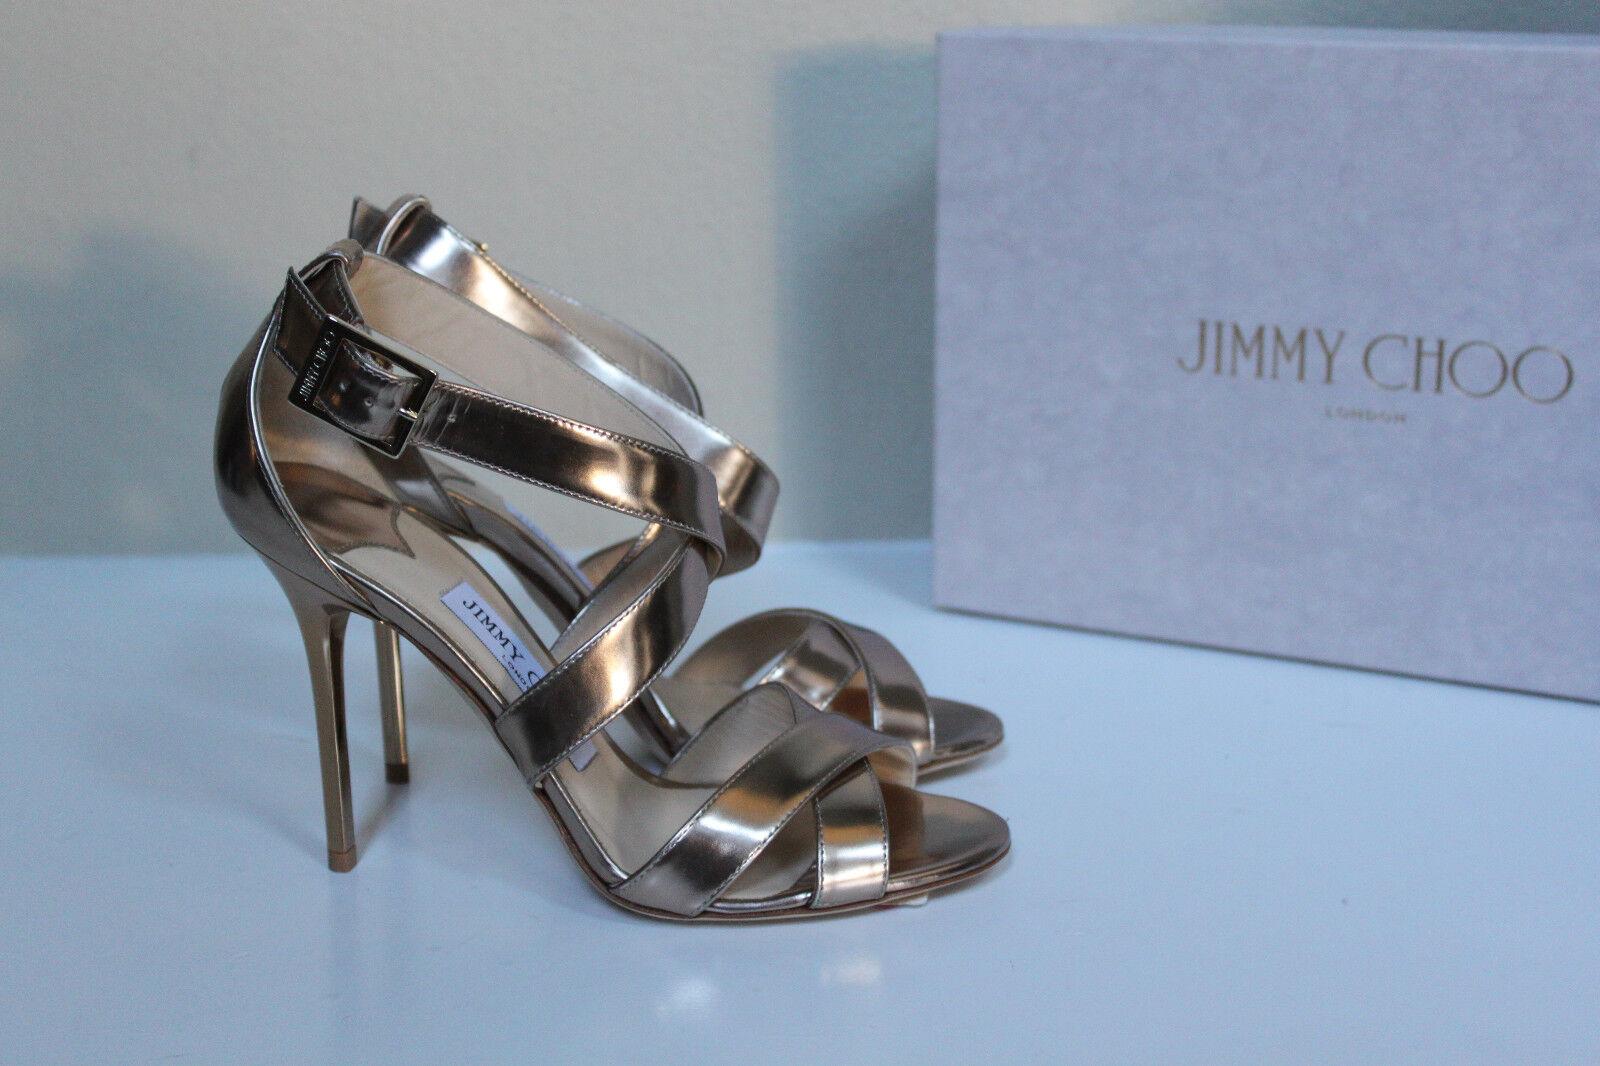 6.5 / 36.5 36.5 / Jimmy Choo Lottie Gold Mirror Leather Open Toe Ankle Sandal Heel Shoe 3f38a4